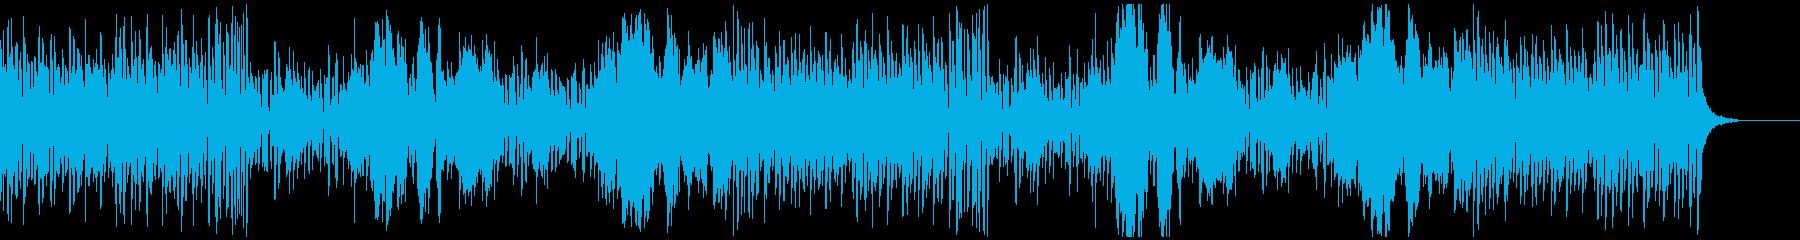 アップテンポで軽快な明るいオーケストラ曲の再生済みの波形